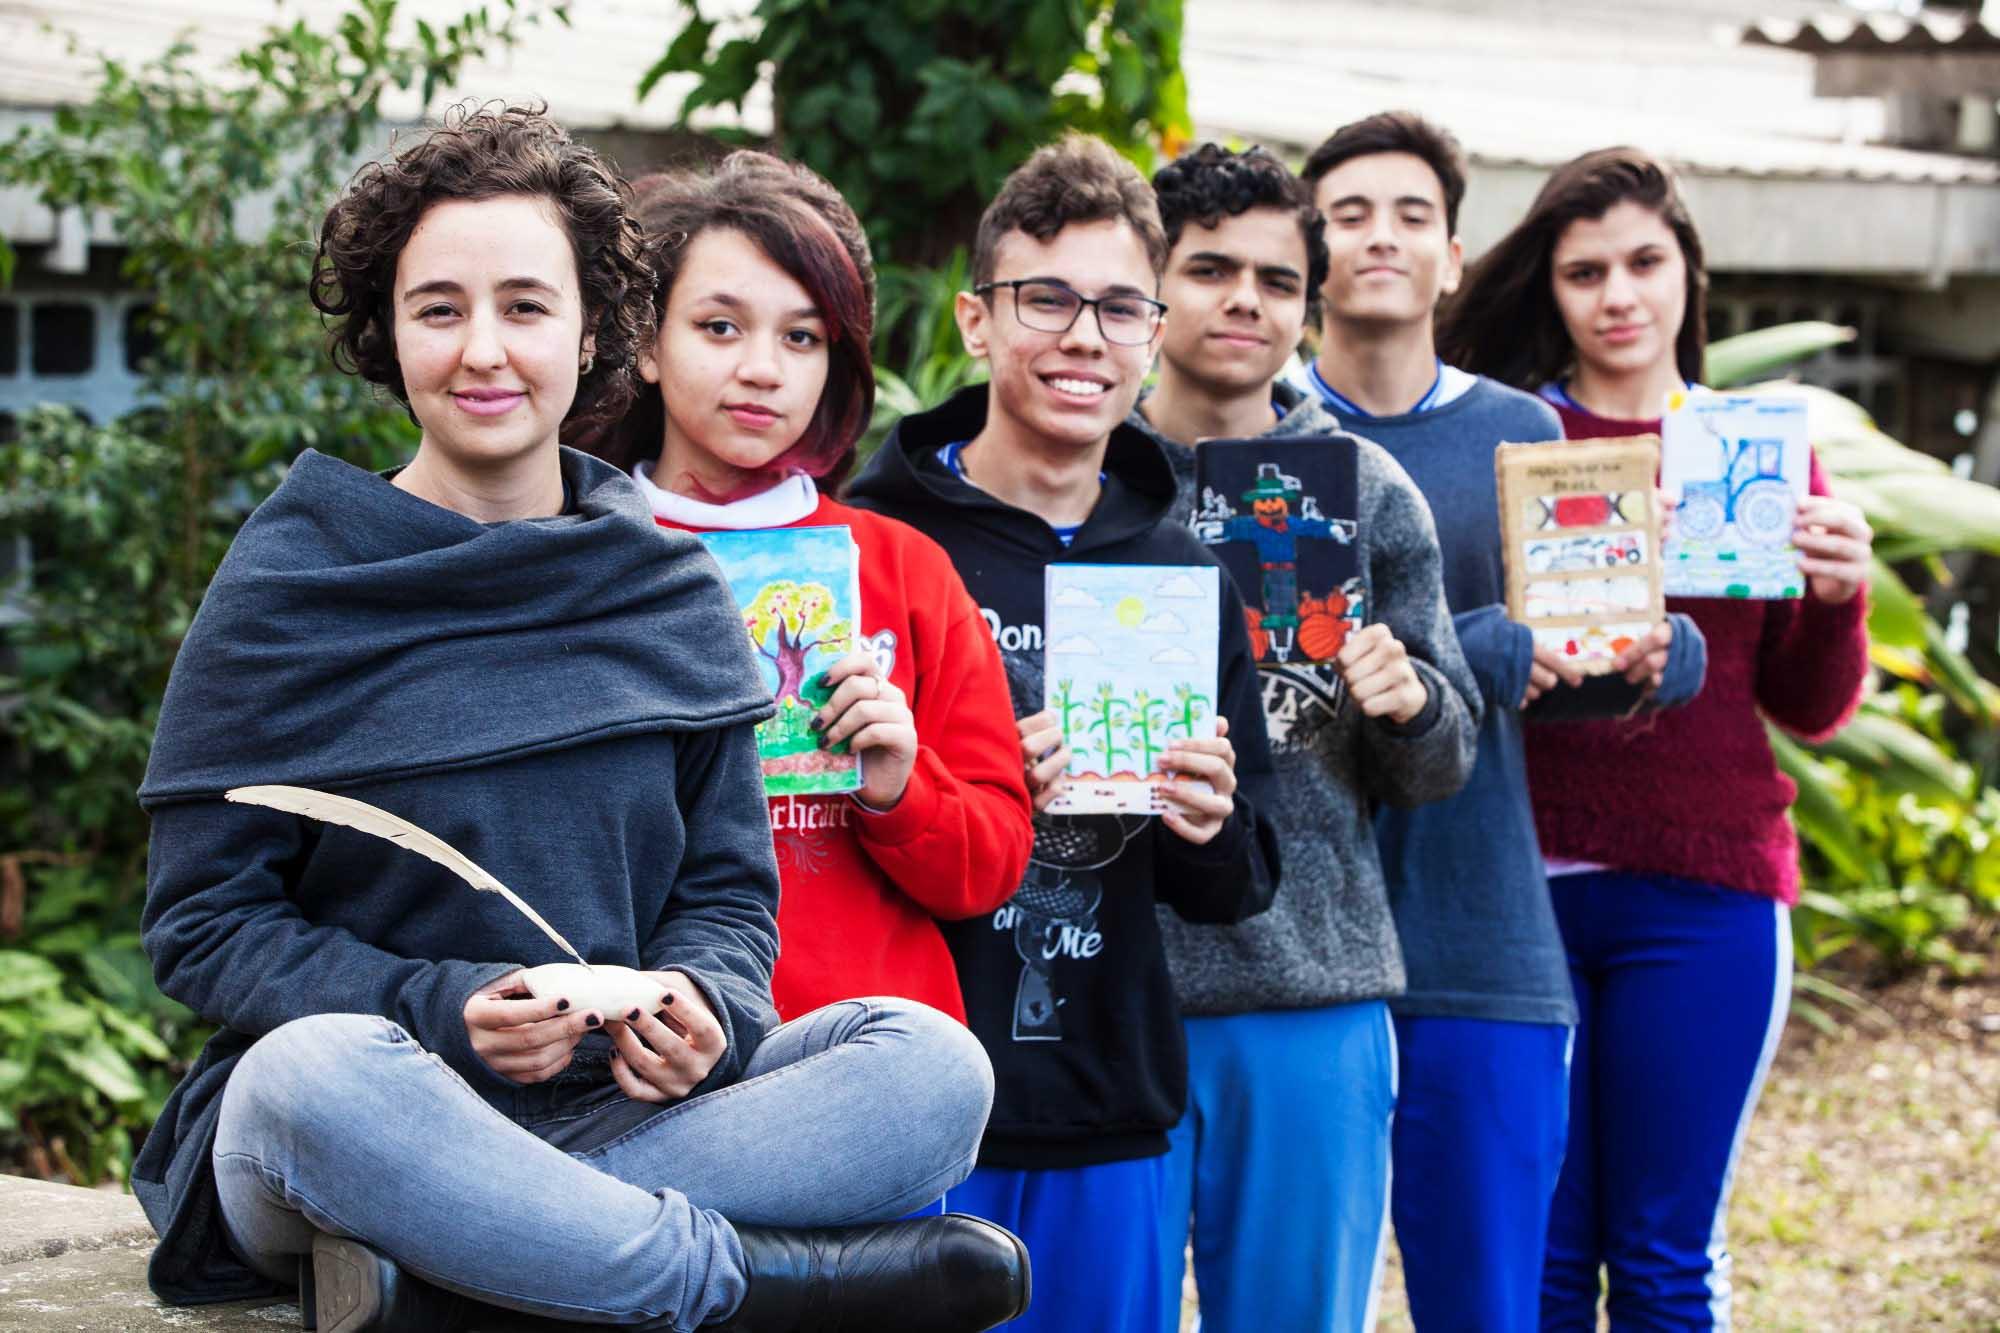 Em espaço arborizado, Mariana e seus estudantes posam para foto segurando seus cadernos de registros. Fim da descrição.